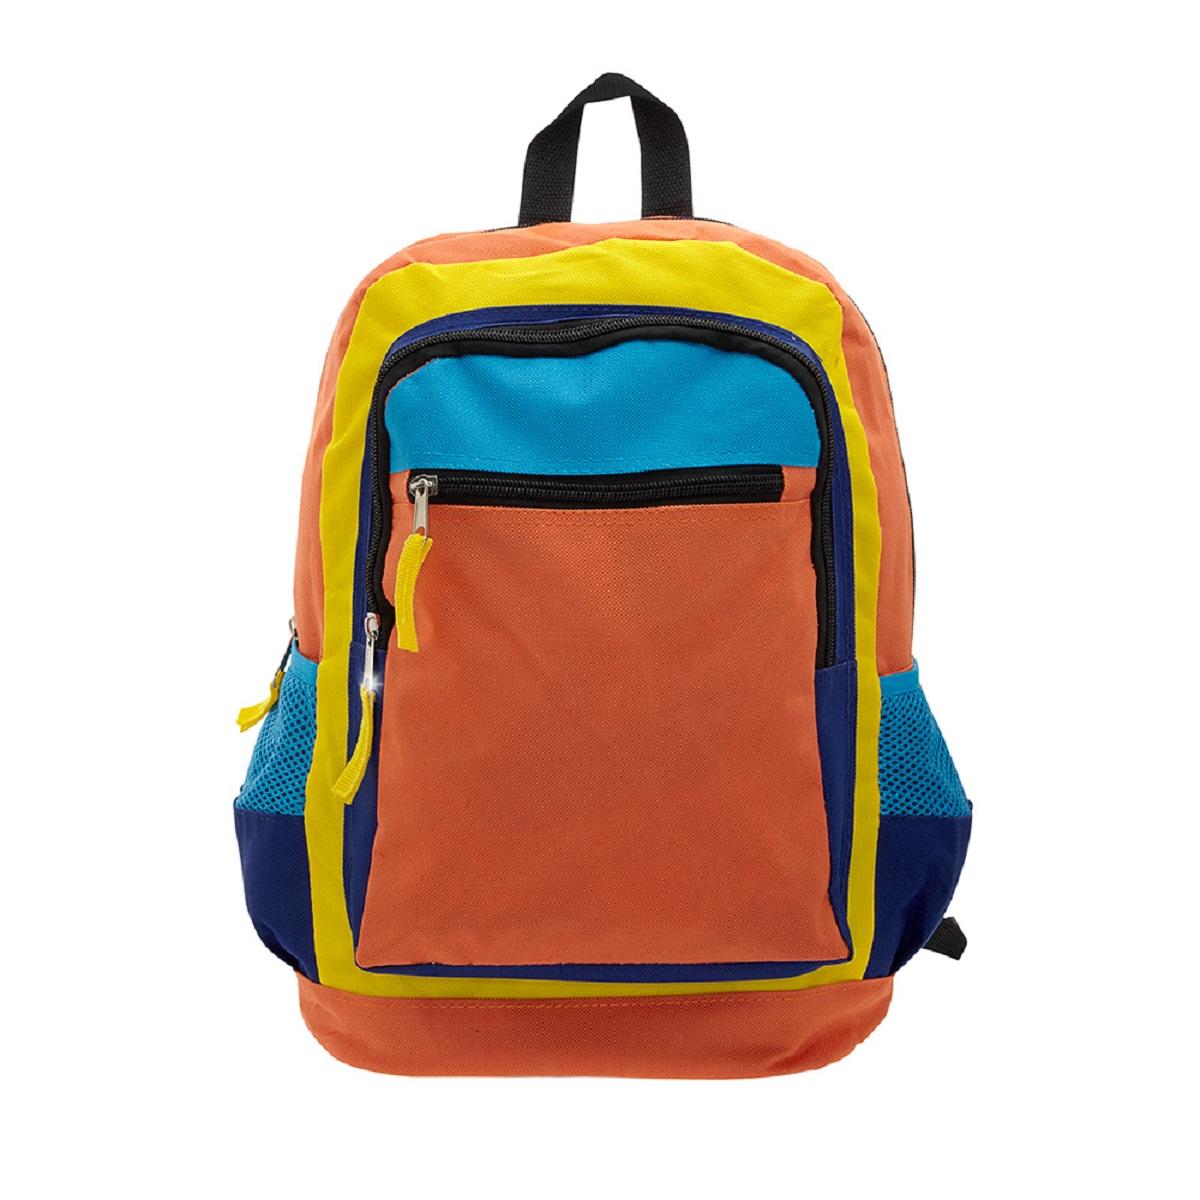 Рюкзак городской 3D Bags Оранжевое настроение, цвет: оранжевый, синий, 17 л25300-1010Стильный, яркий, позитивный!!! Улучшит настроение в школьные будни и подчеркнет ваш неповторимый образ!